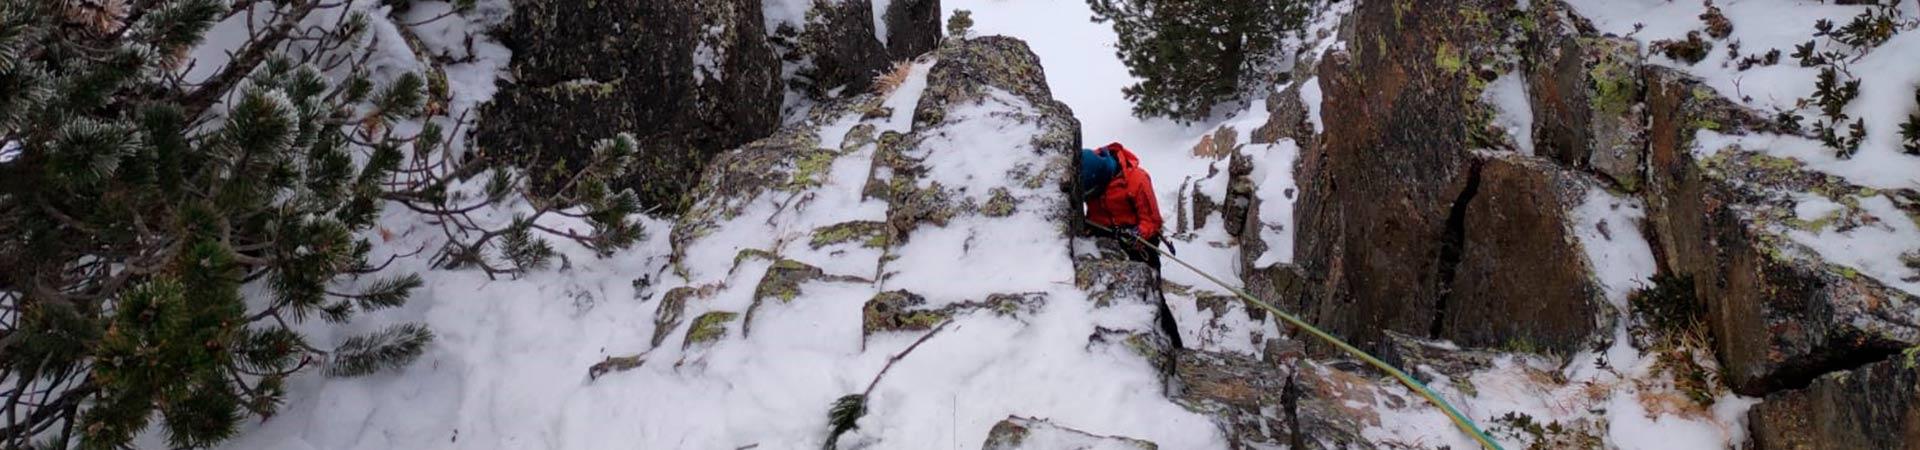 Escola-d'Alpinisme-Curs-Nivell-3